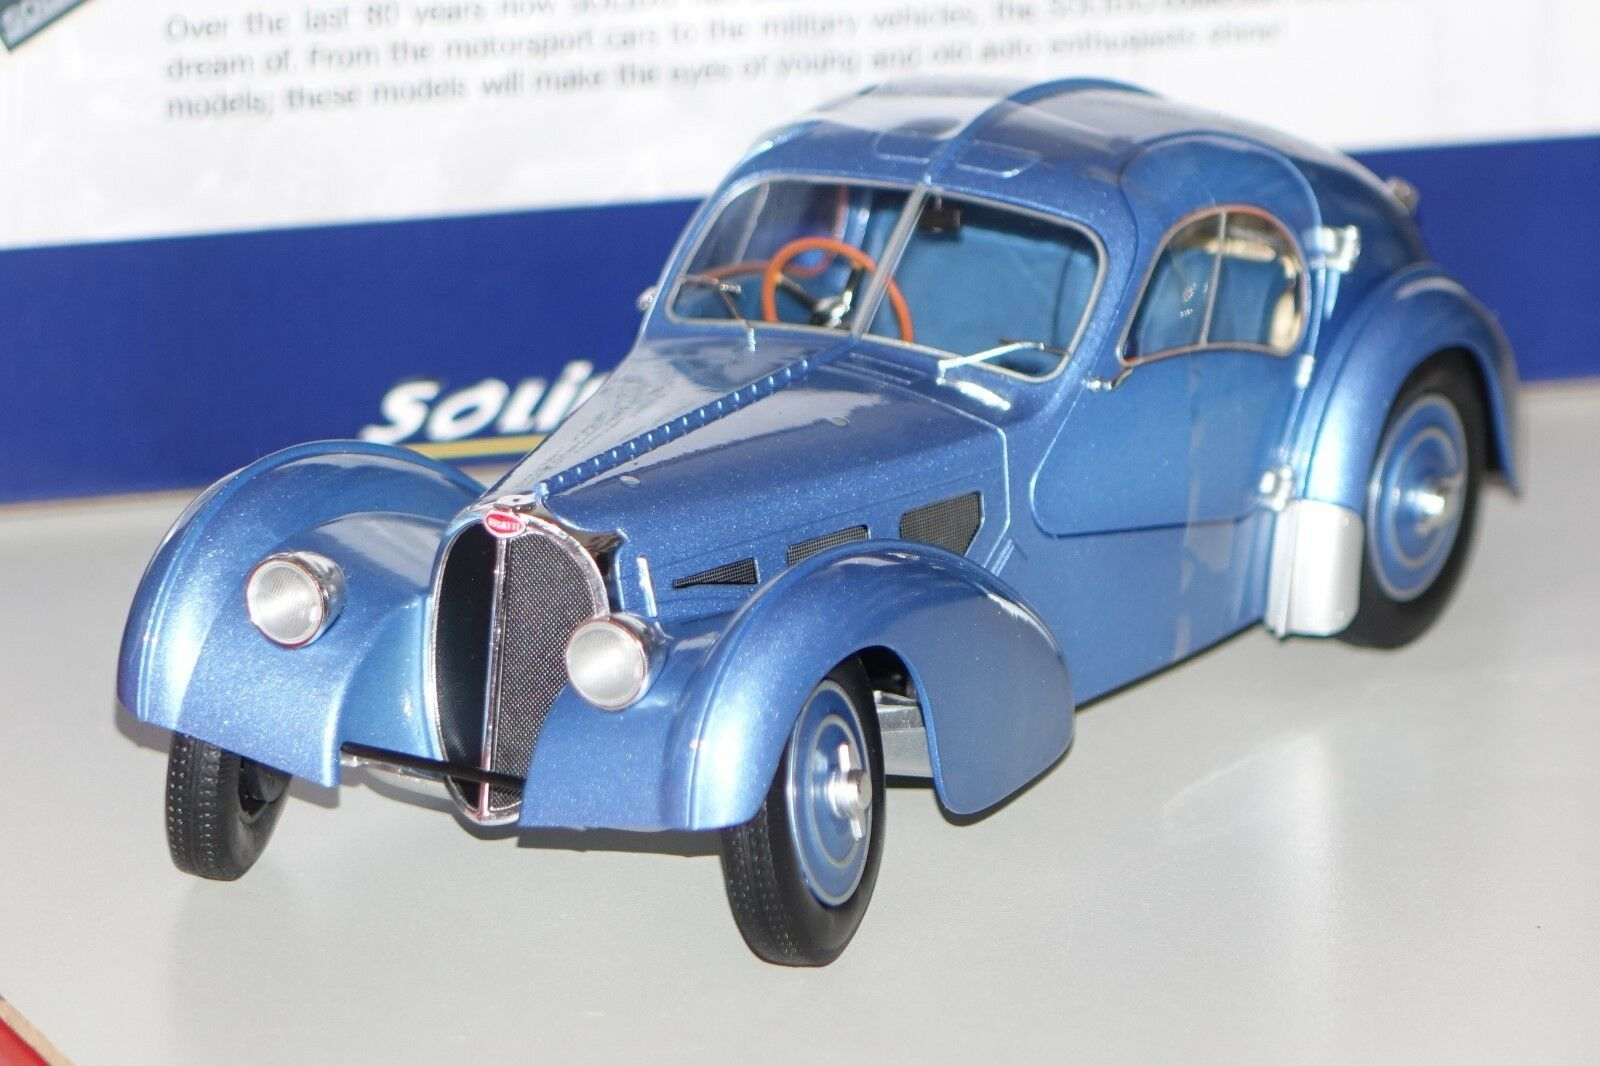 Bugatti Bugatti Bugatti Type 57 SC Atlantic azul 1 18 solido 1802102 nuevo & OVP ece69a